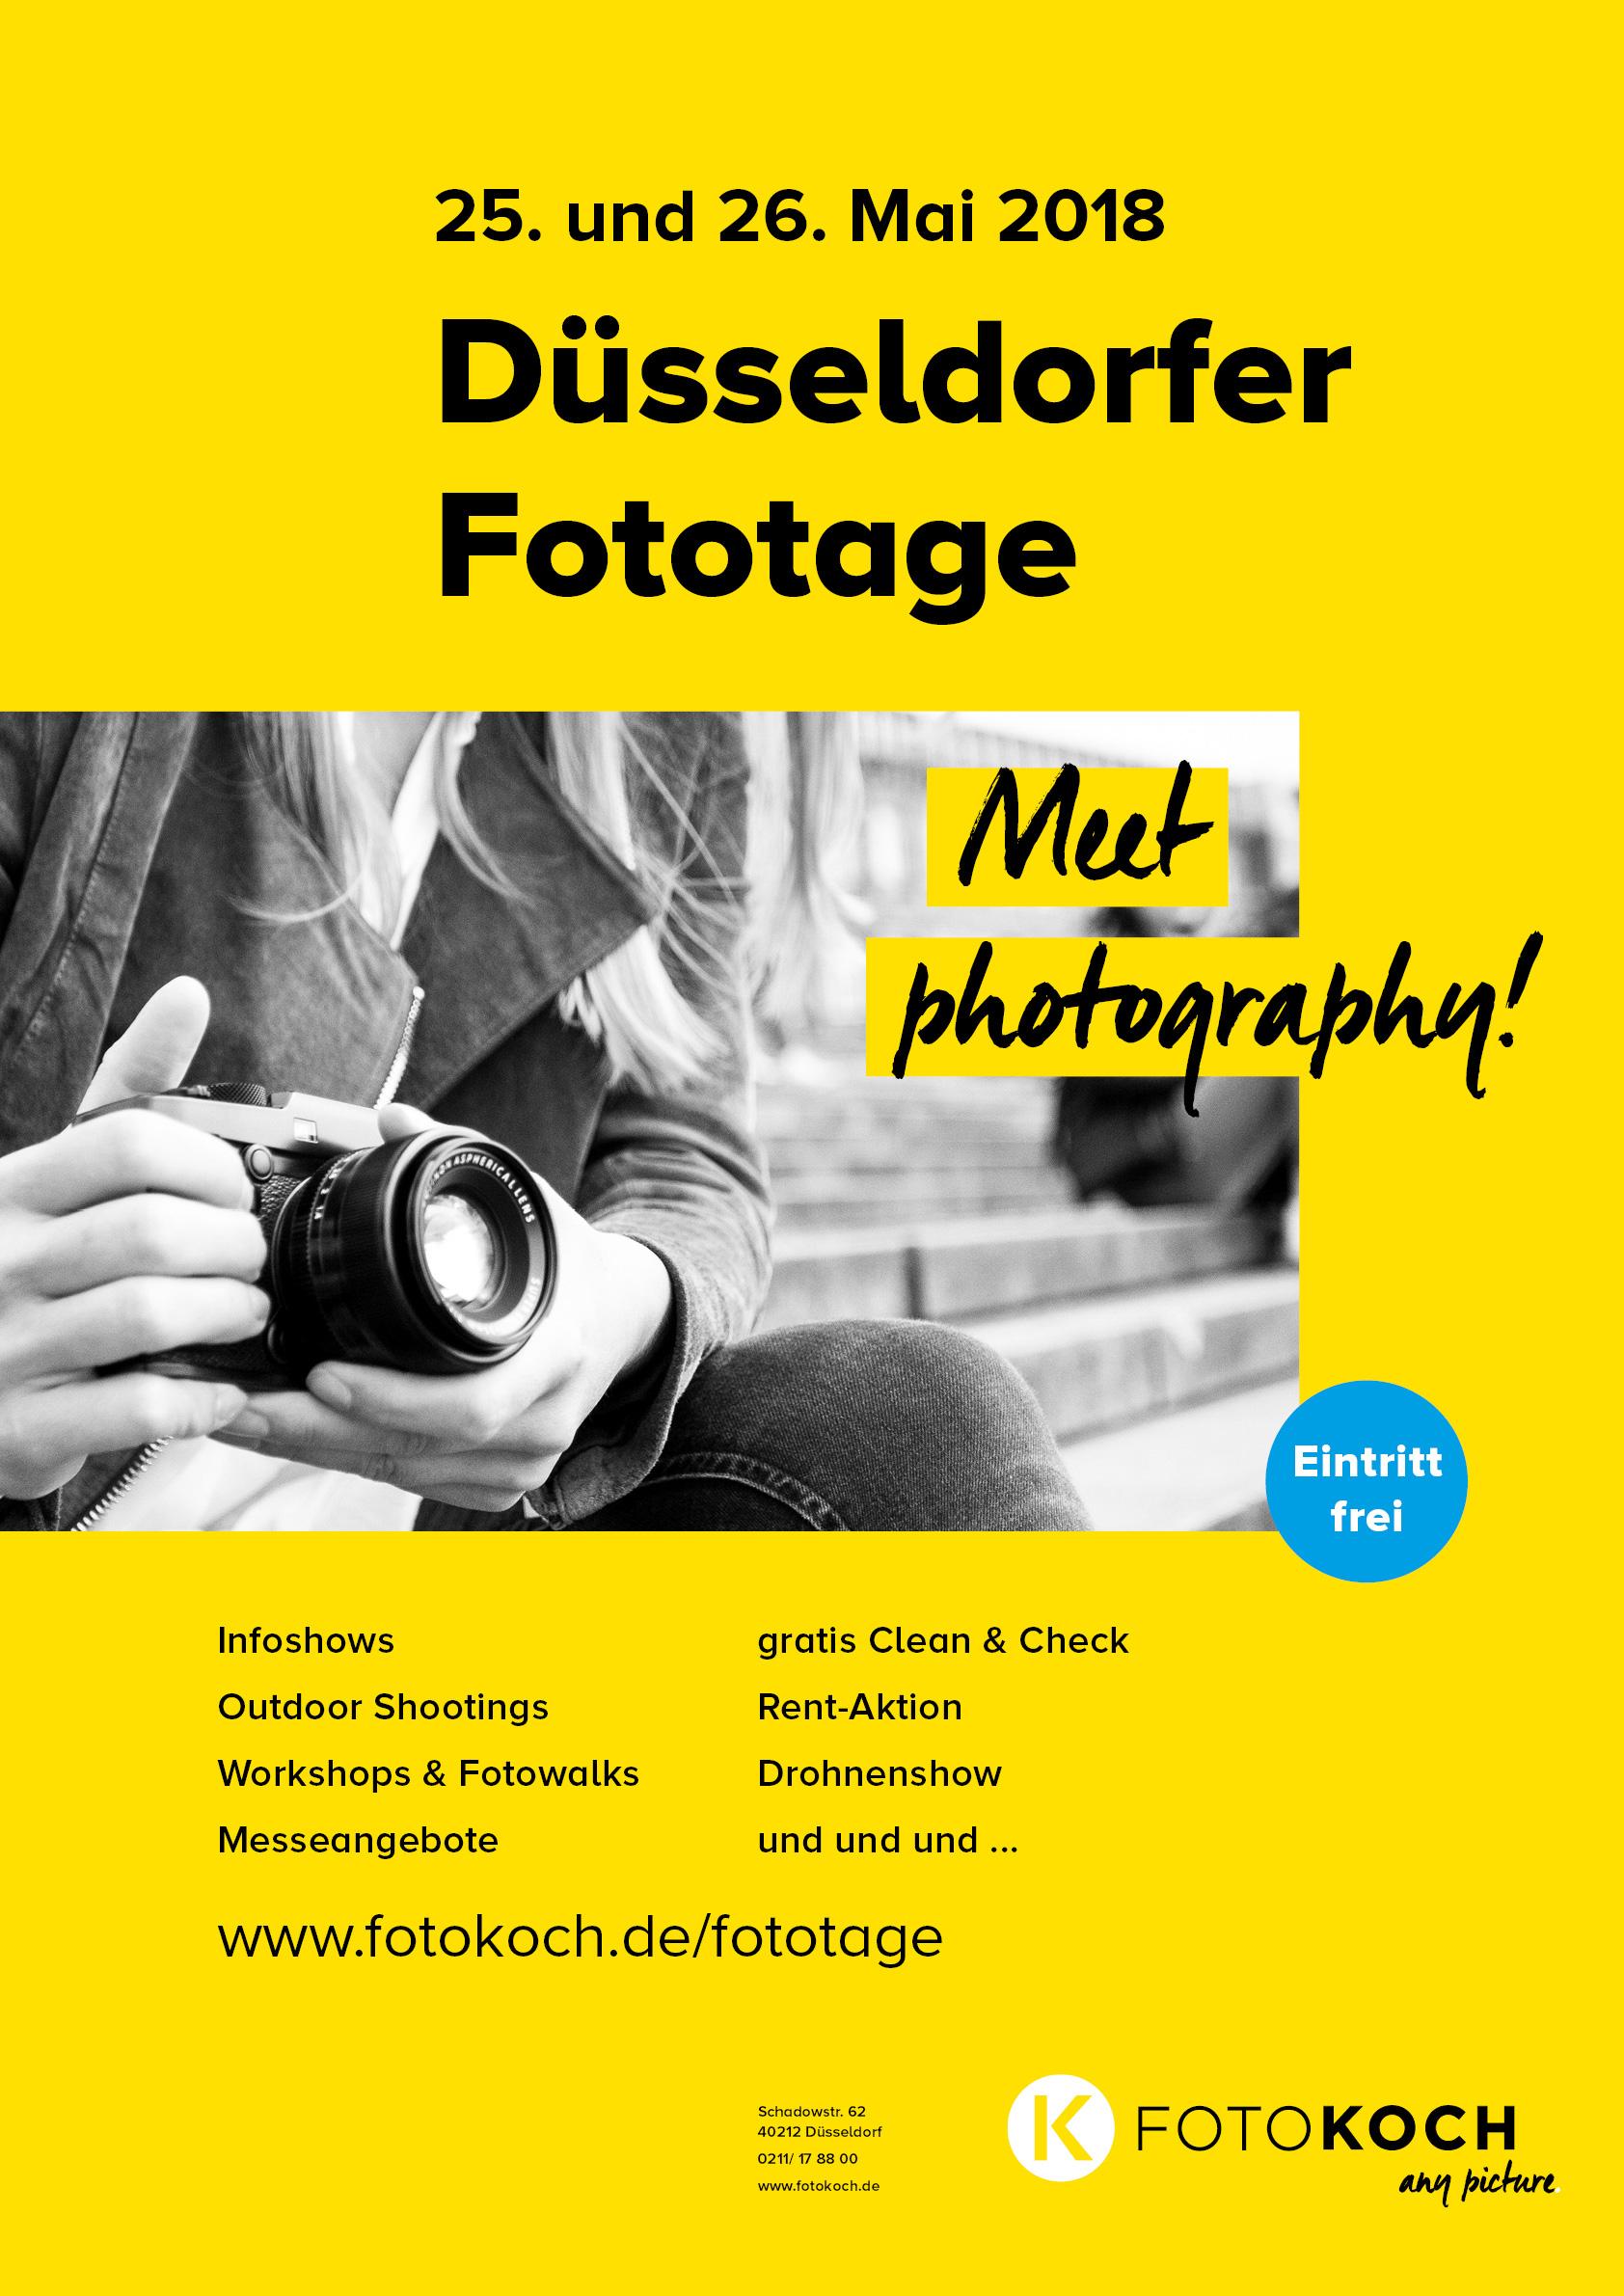 (Lokal) Düsseldorfer Fototage 25. und 26. Mai 2018 - gratis Clean und Check: Canon, Nikon, Sony